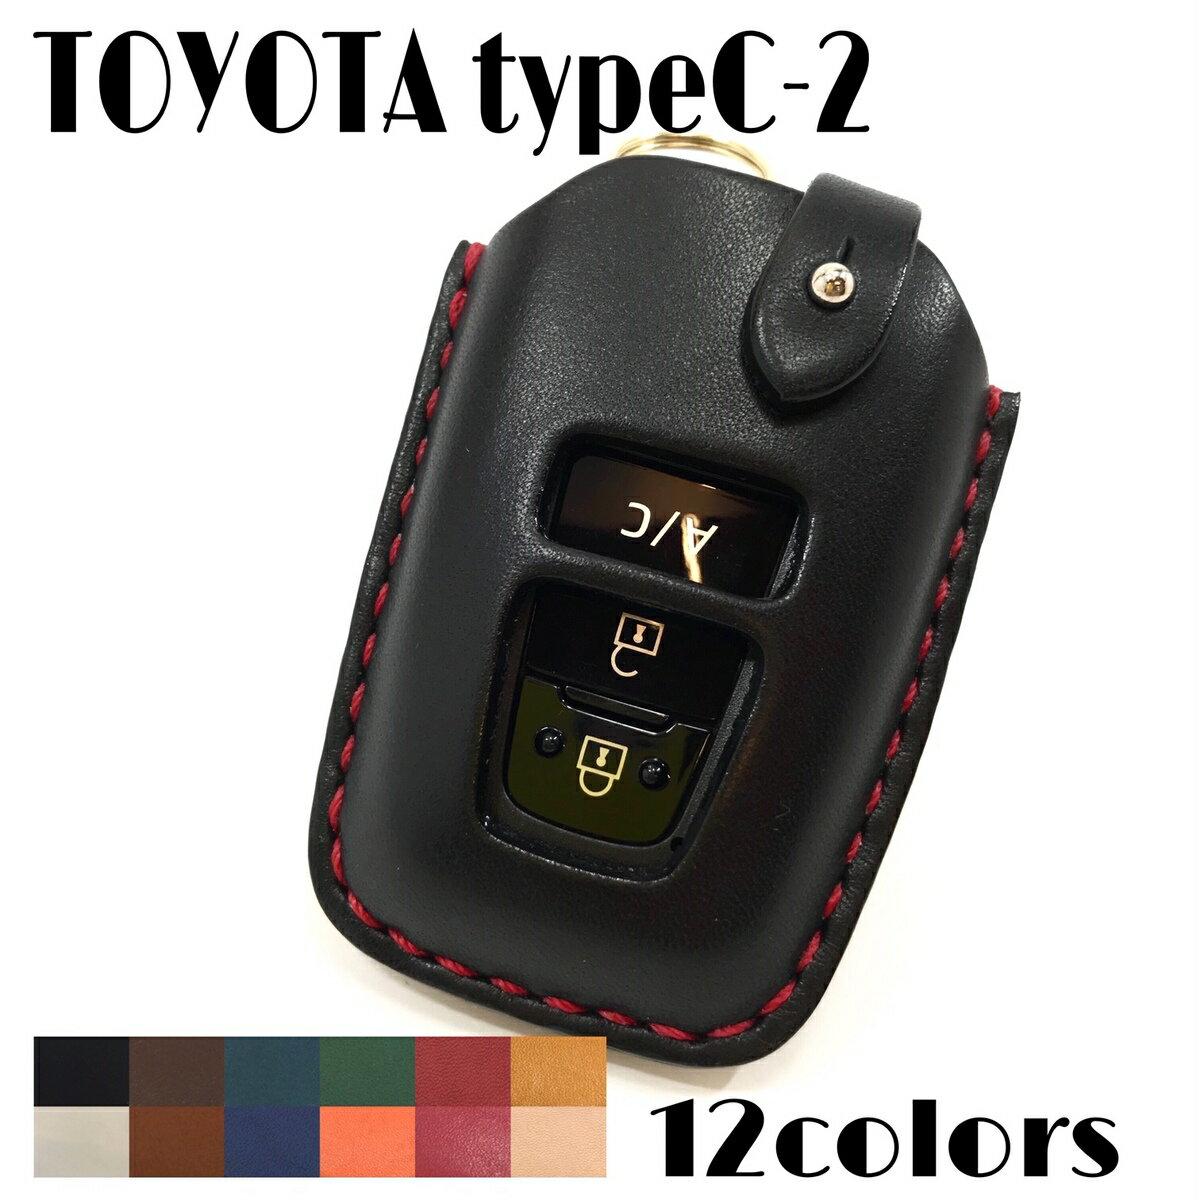 トヨタ車専用 キーケース スマートキーケース Type-C-2 プリウスPHV 150系プラド に対応 トヨタ ギフト プレゼント 【追加可能有料オプション】 名入れ ロゴ入れ